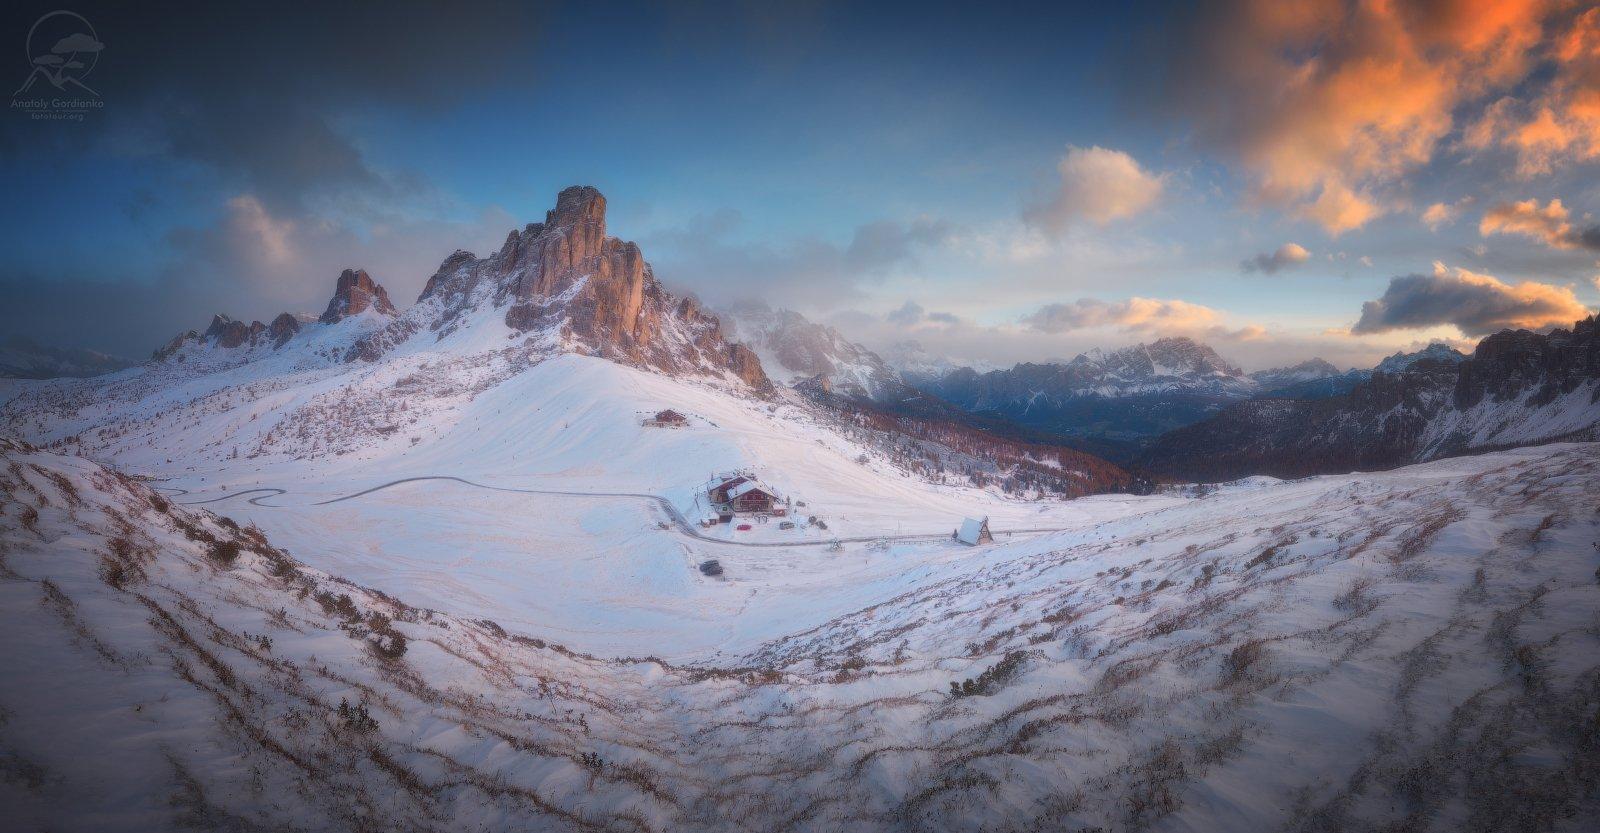 пейзаж, природа, горы, италия, доломиты, Гордиенко Анатолий